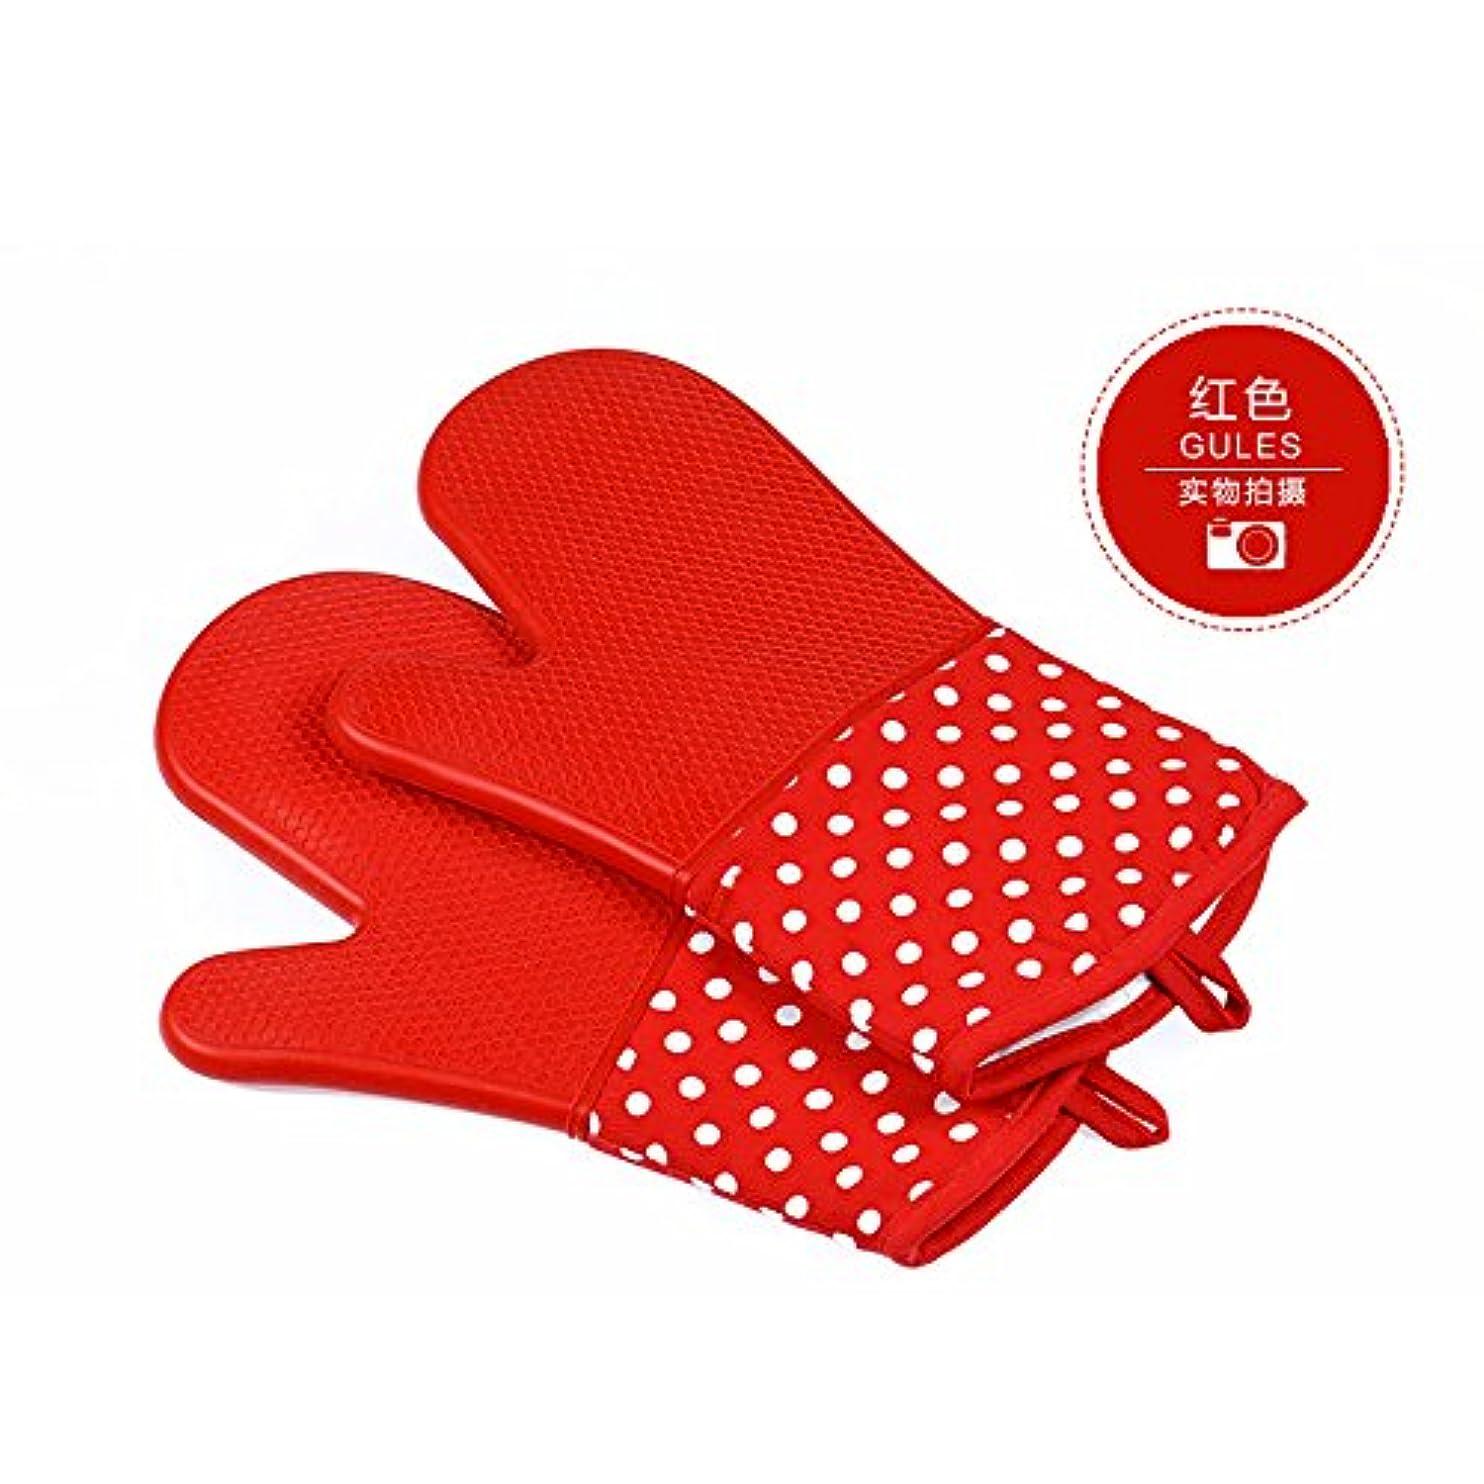 悪意シャー隠されたJOOP【2個セット】【シリコンベーキング手袋】【バーベキュー手袋】【キッチン電子レンジの手袋】【オーブン断熱手袋】【300の加熱温度極値】【7色】 (レッド)